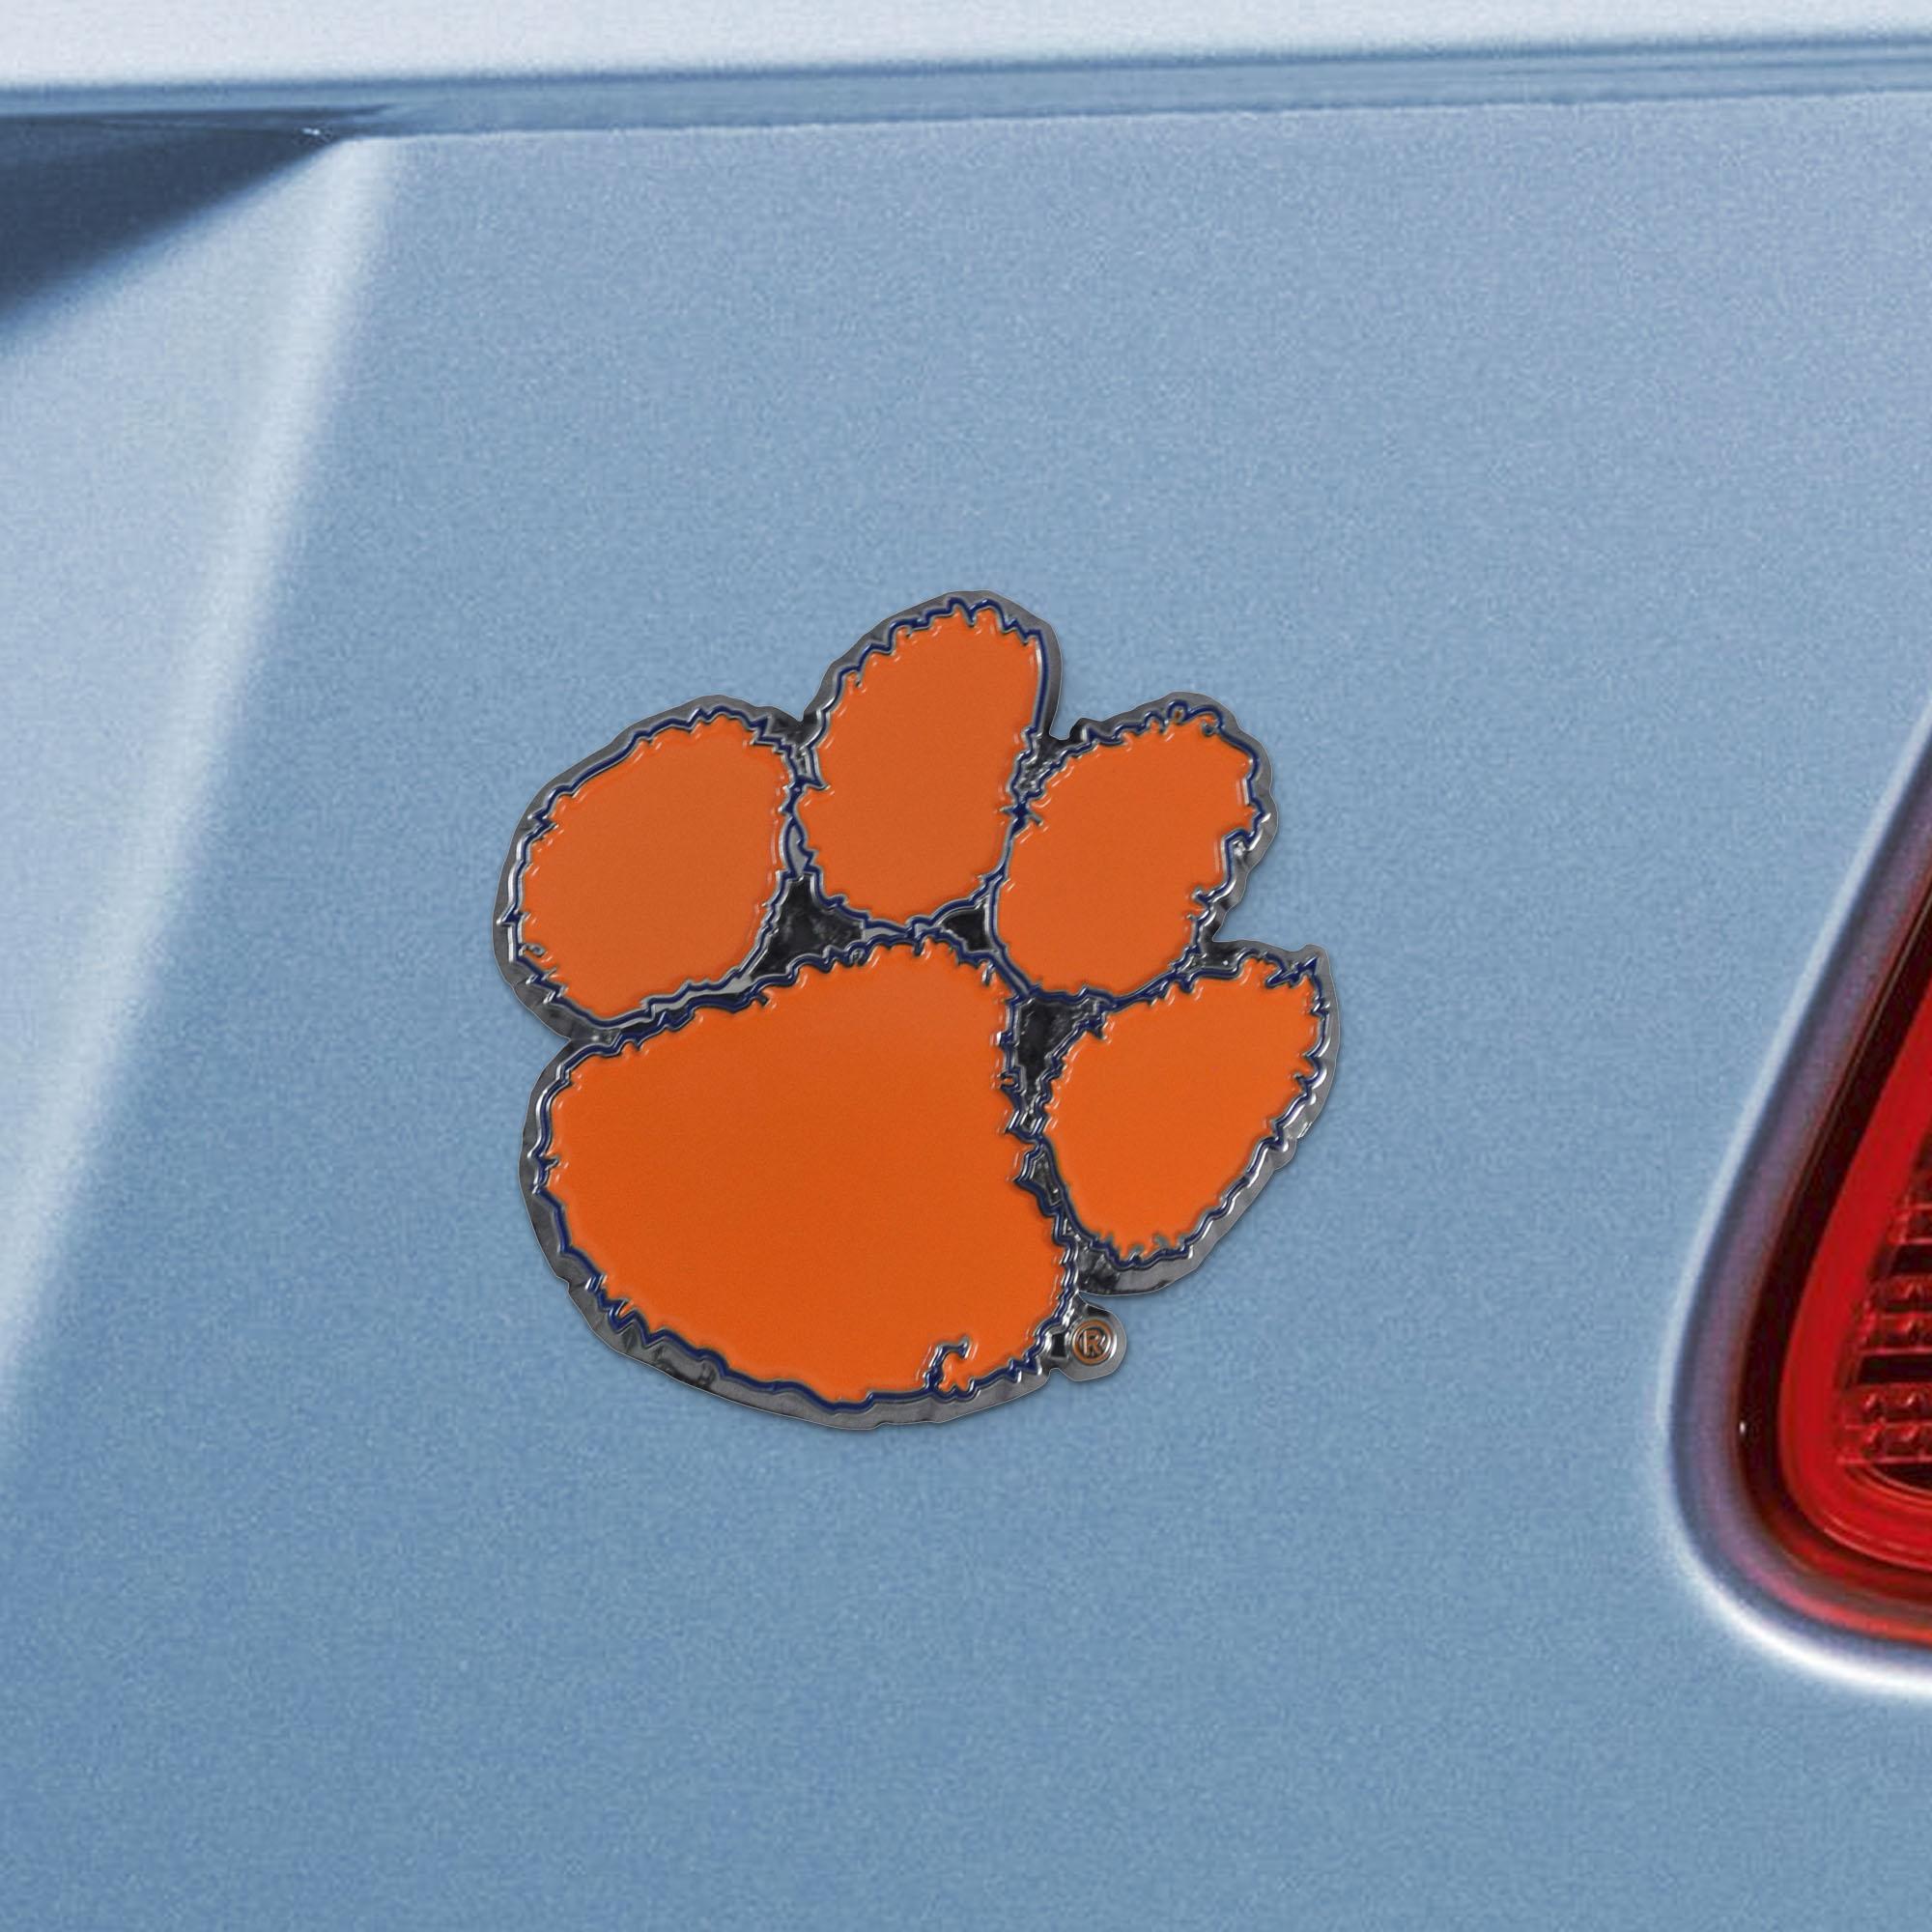 Clemson Emblem - Color